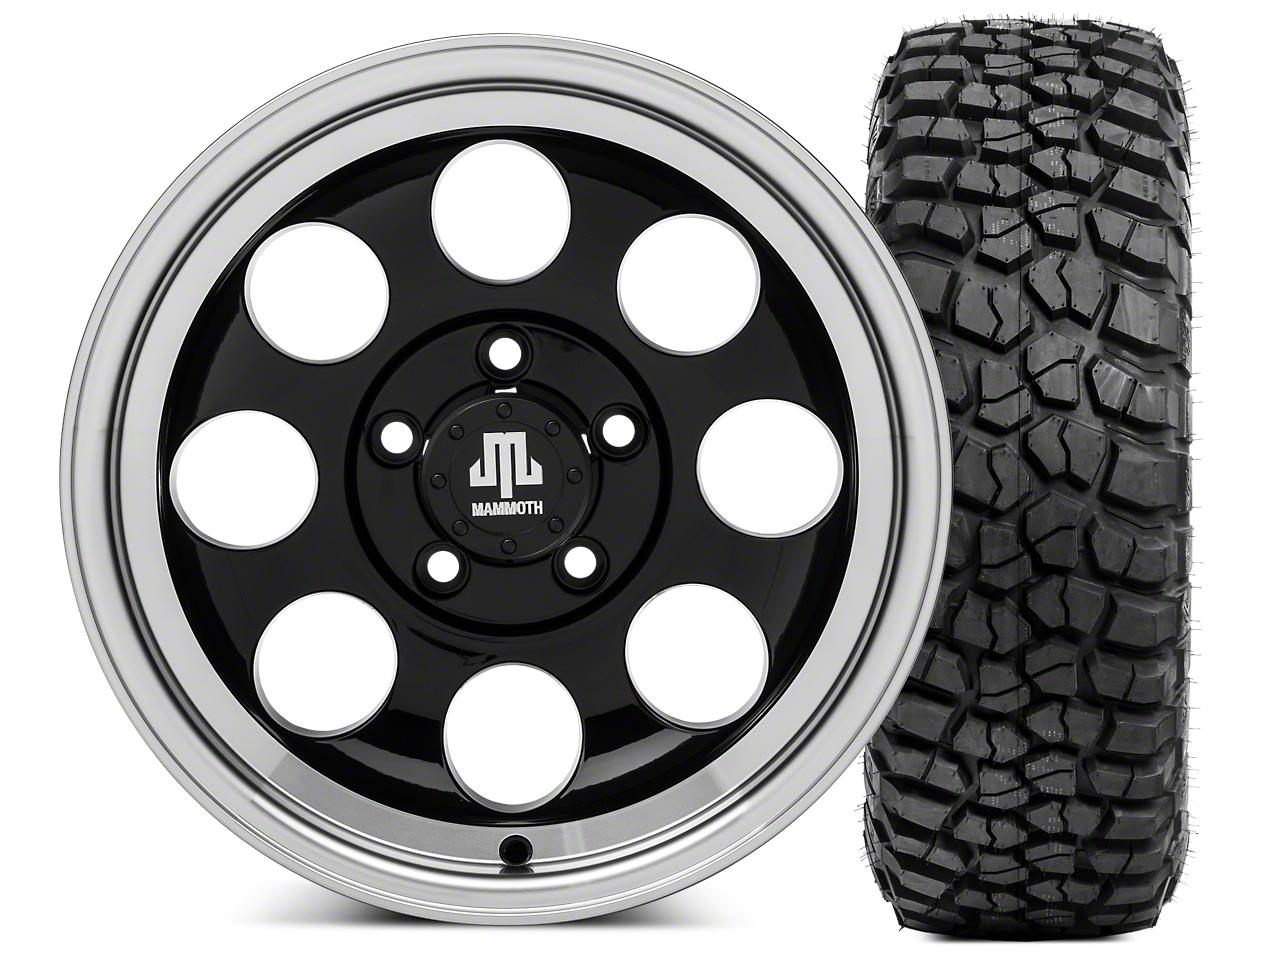 Mammoth 8 15x8 Wheel & BFG KM2 33x10.5- 15 Tire Kit (87-06 Jeep Wrangler YJ & TJ)